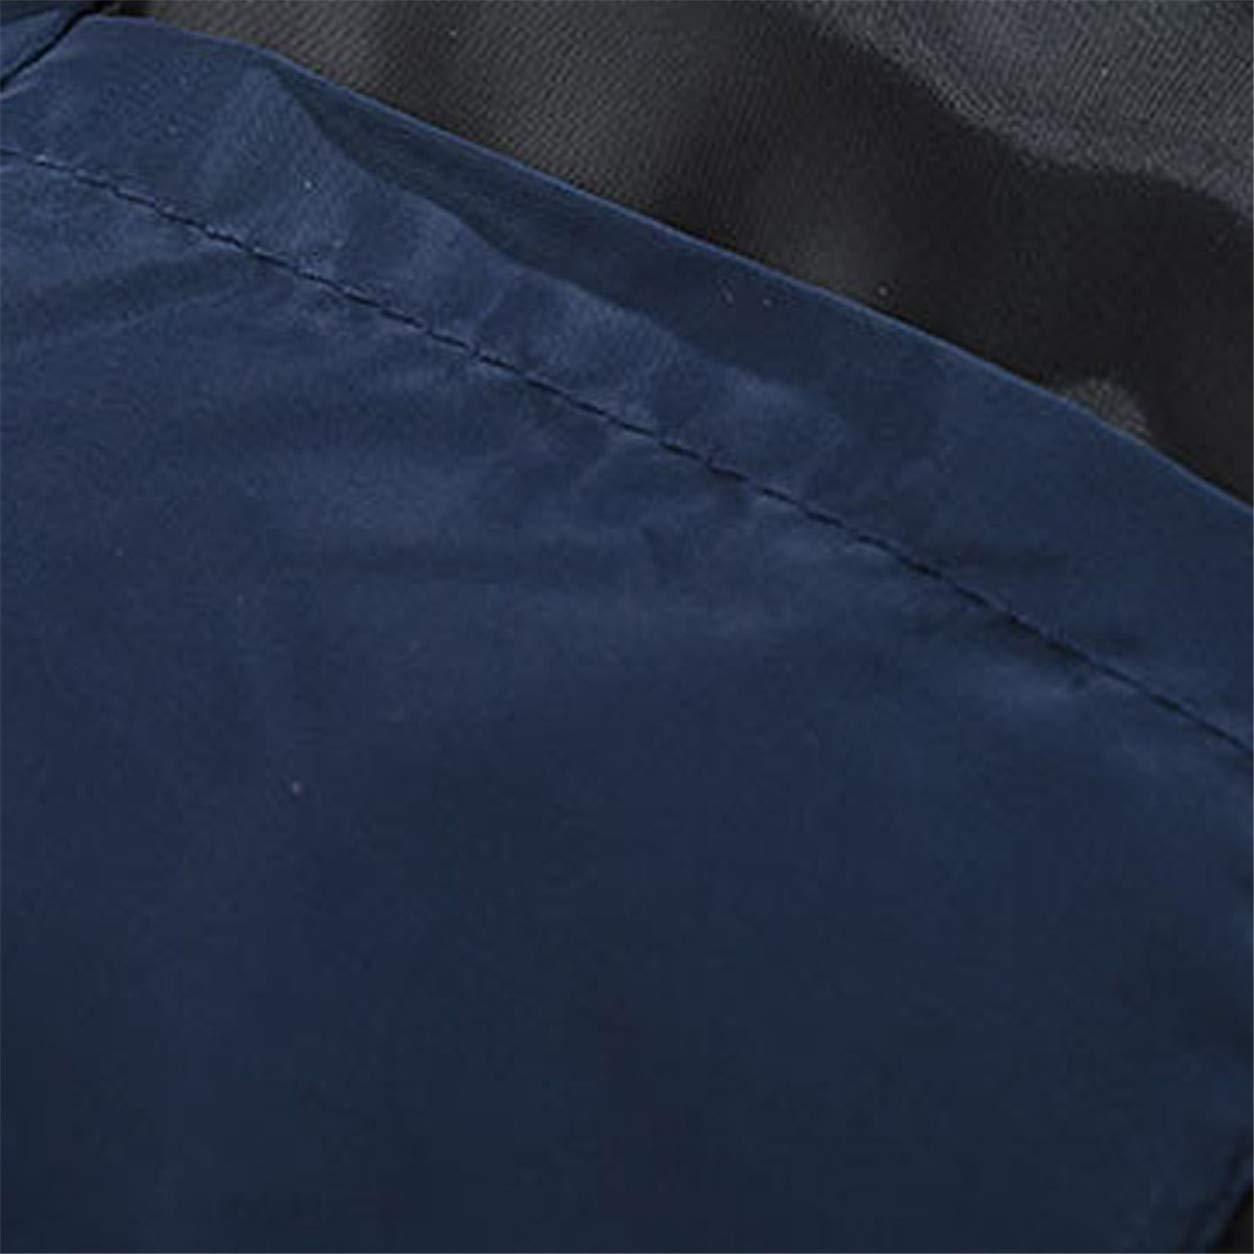 Manteaux dhiver pour Hommes Sweatshirts Homme Gar/çon Lettre Cardigan /à Capuche Impression Alphab/étique Manteau Zipper Coton /Épaissie Veste Bellelove